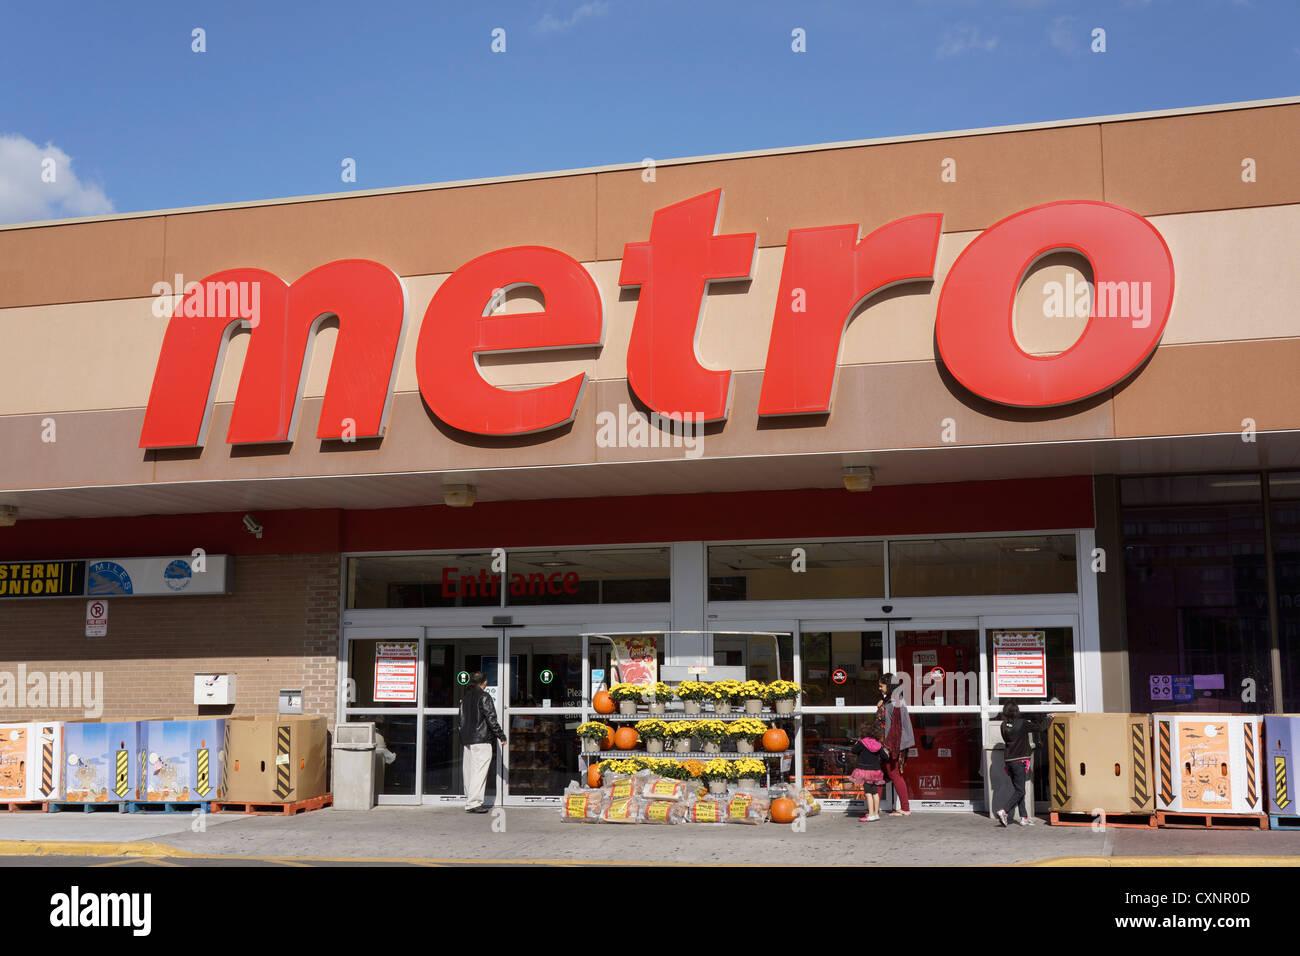 Metro Supermarkt, Lebensmittelgeschäft Stockbild